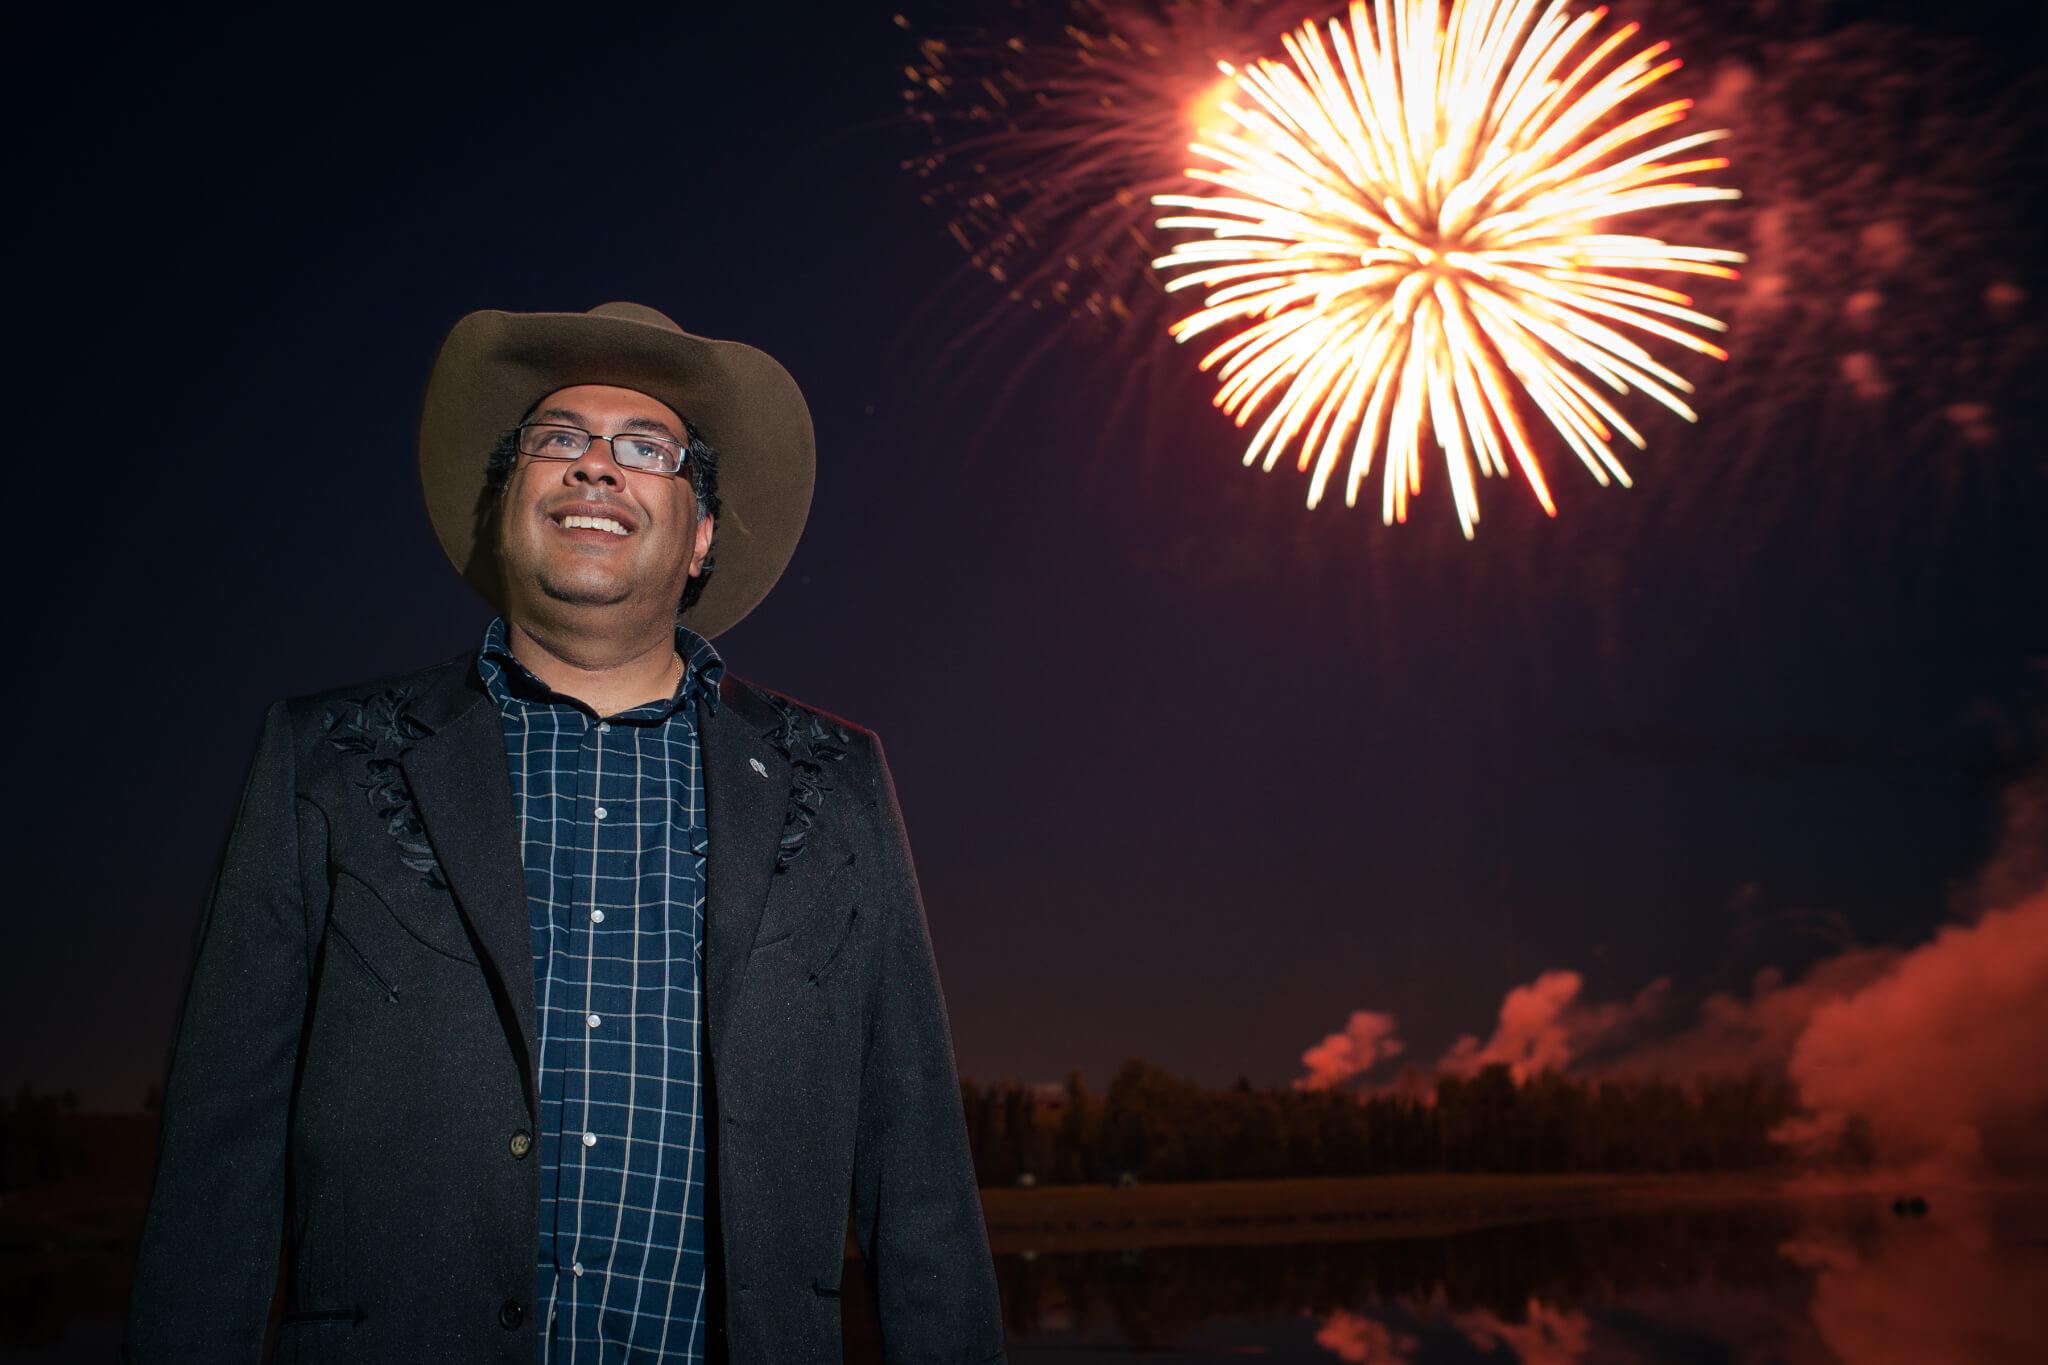 Photo courtesy City of Calgary/Tye Carson